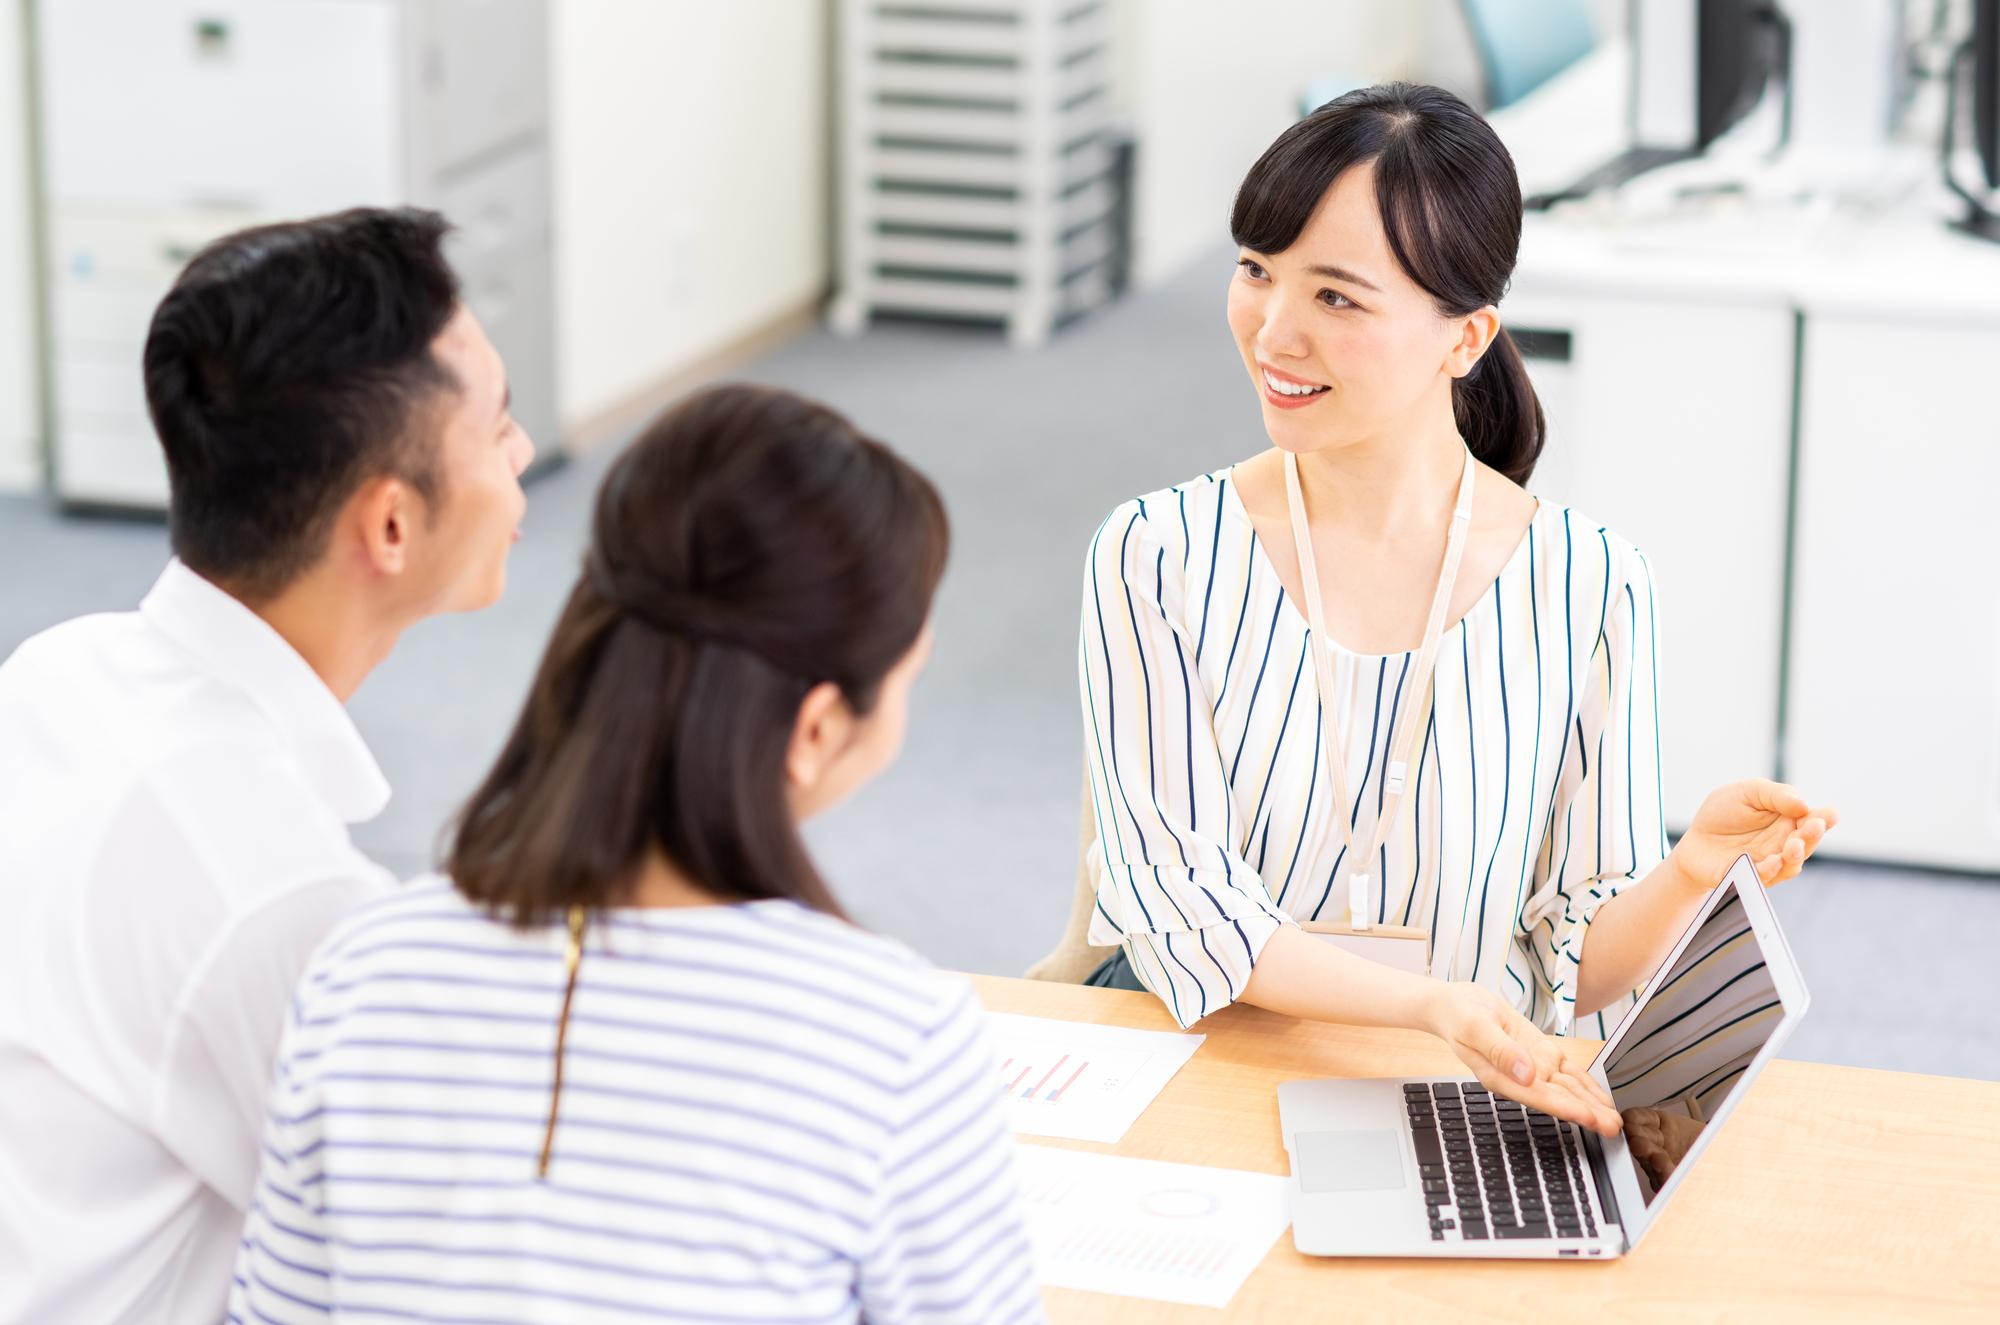 若い夫婦がビジネスウーマンに相談するイメージ写真